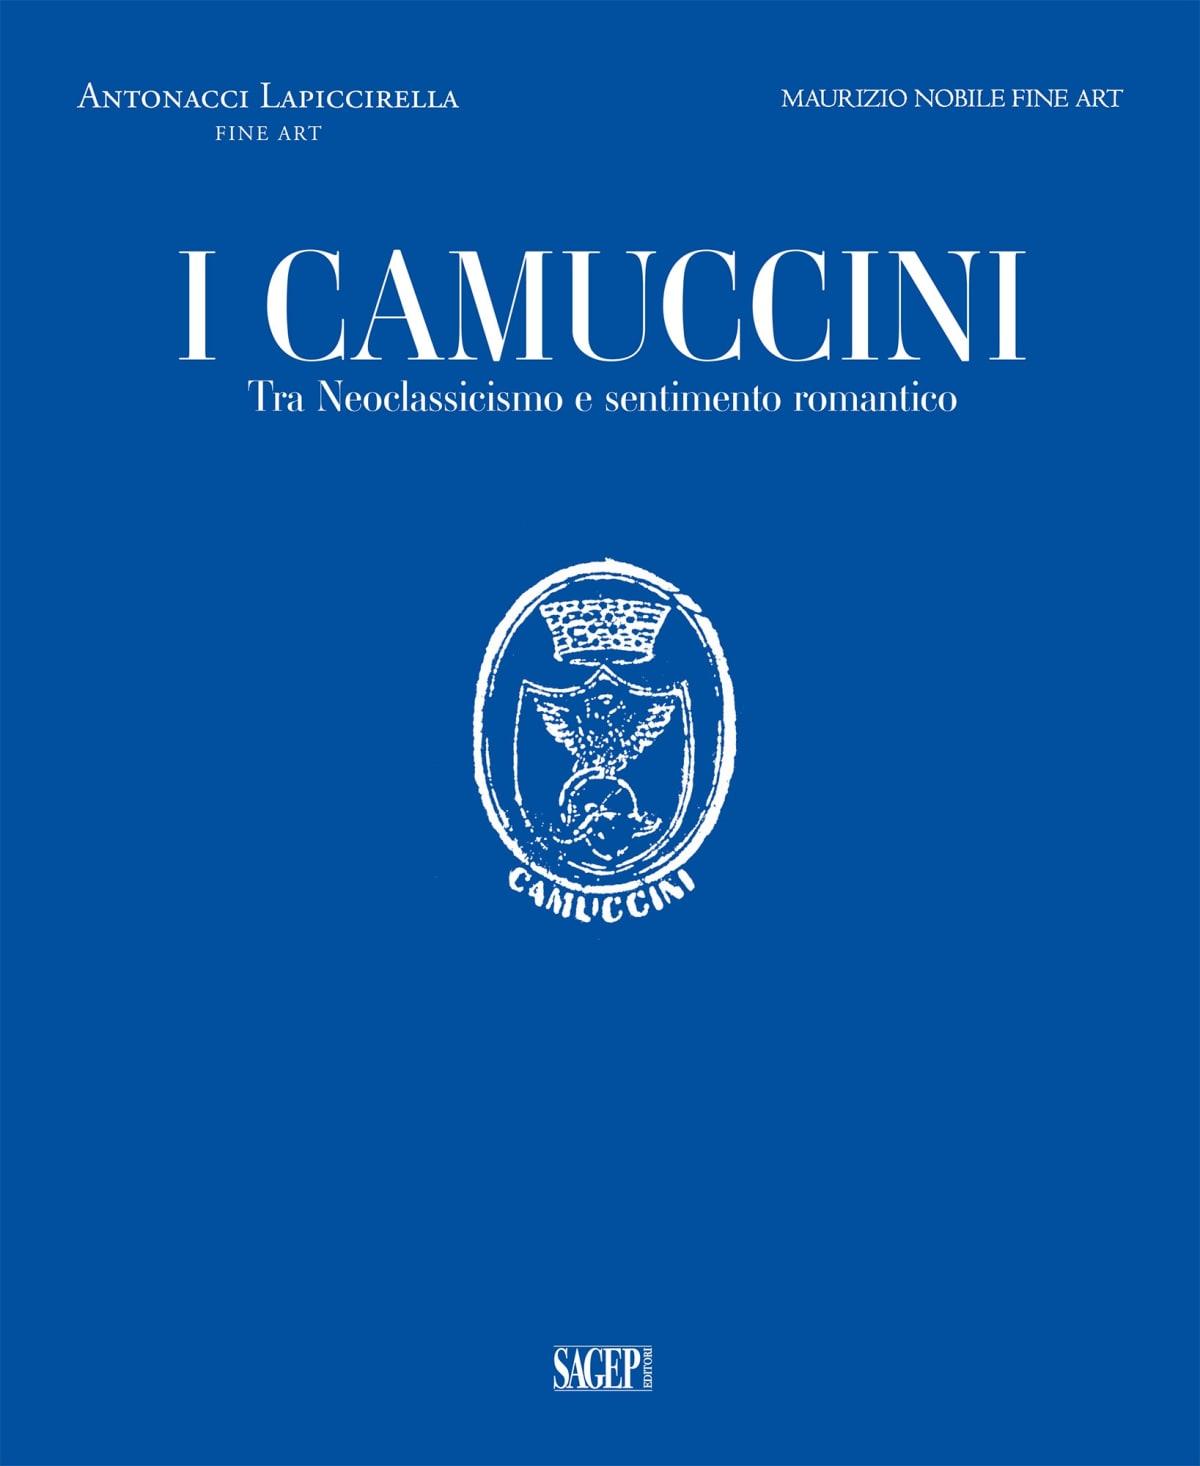 I CAMUCCINI